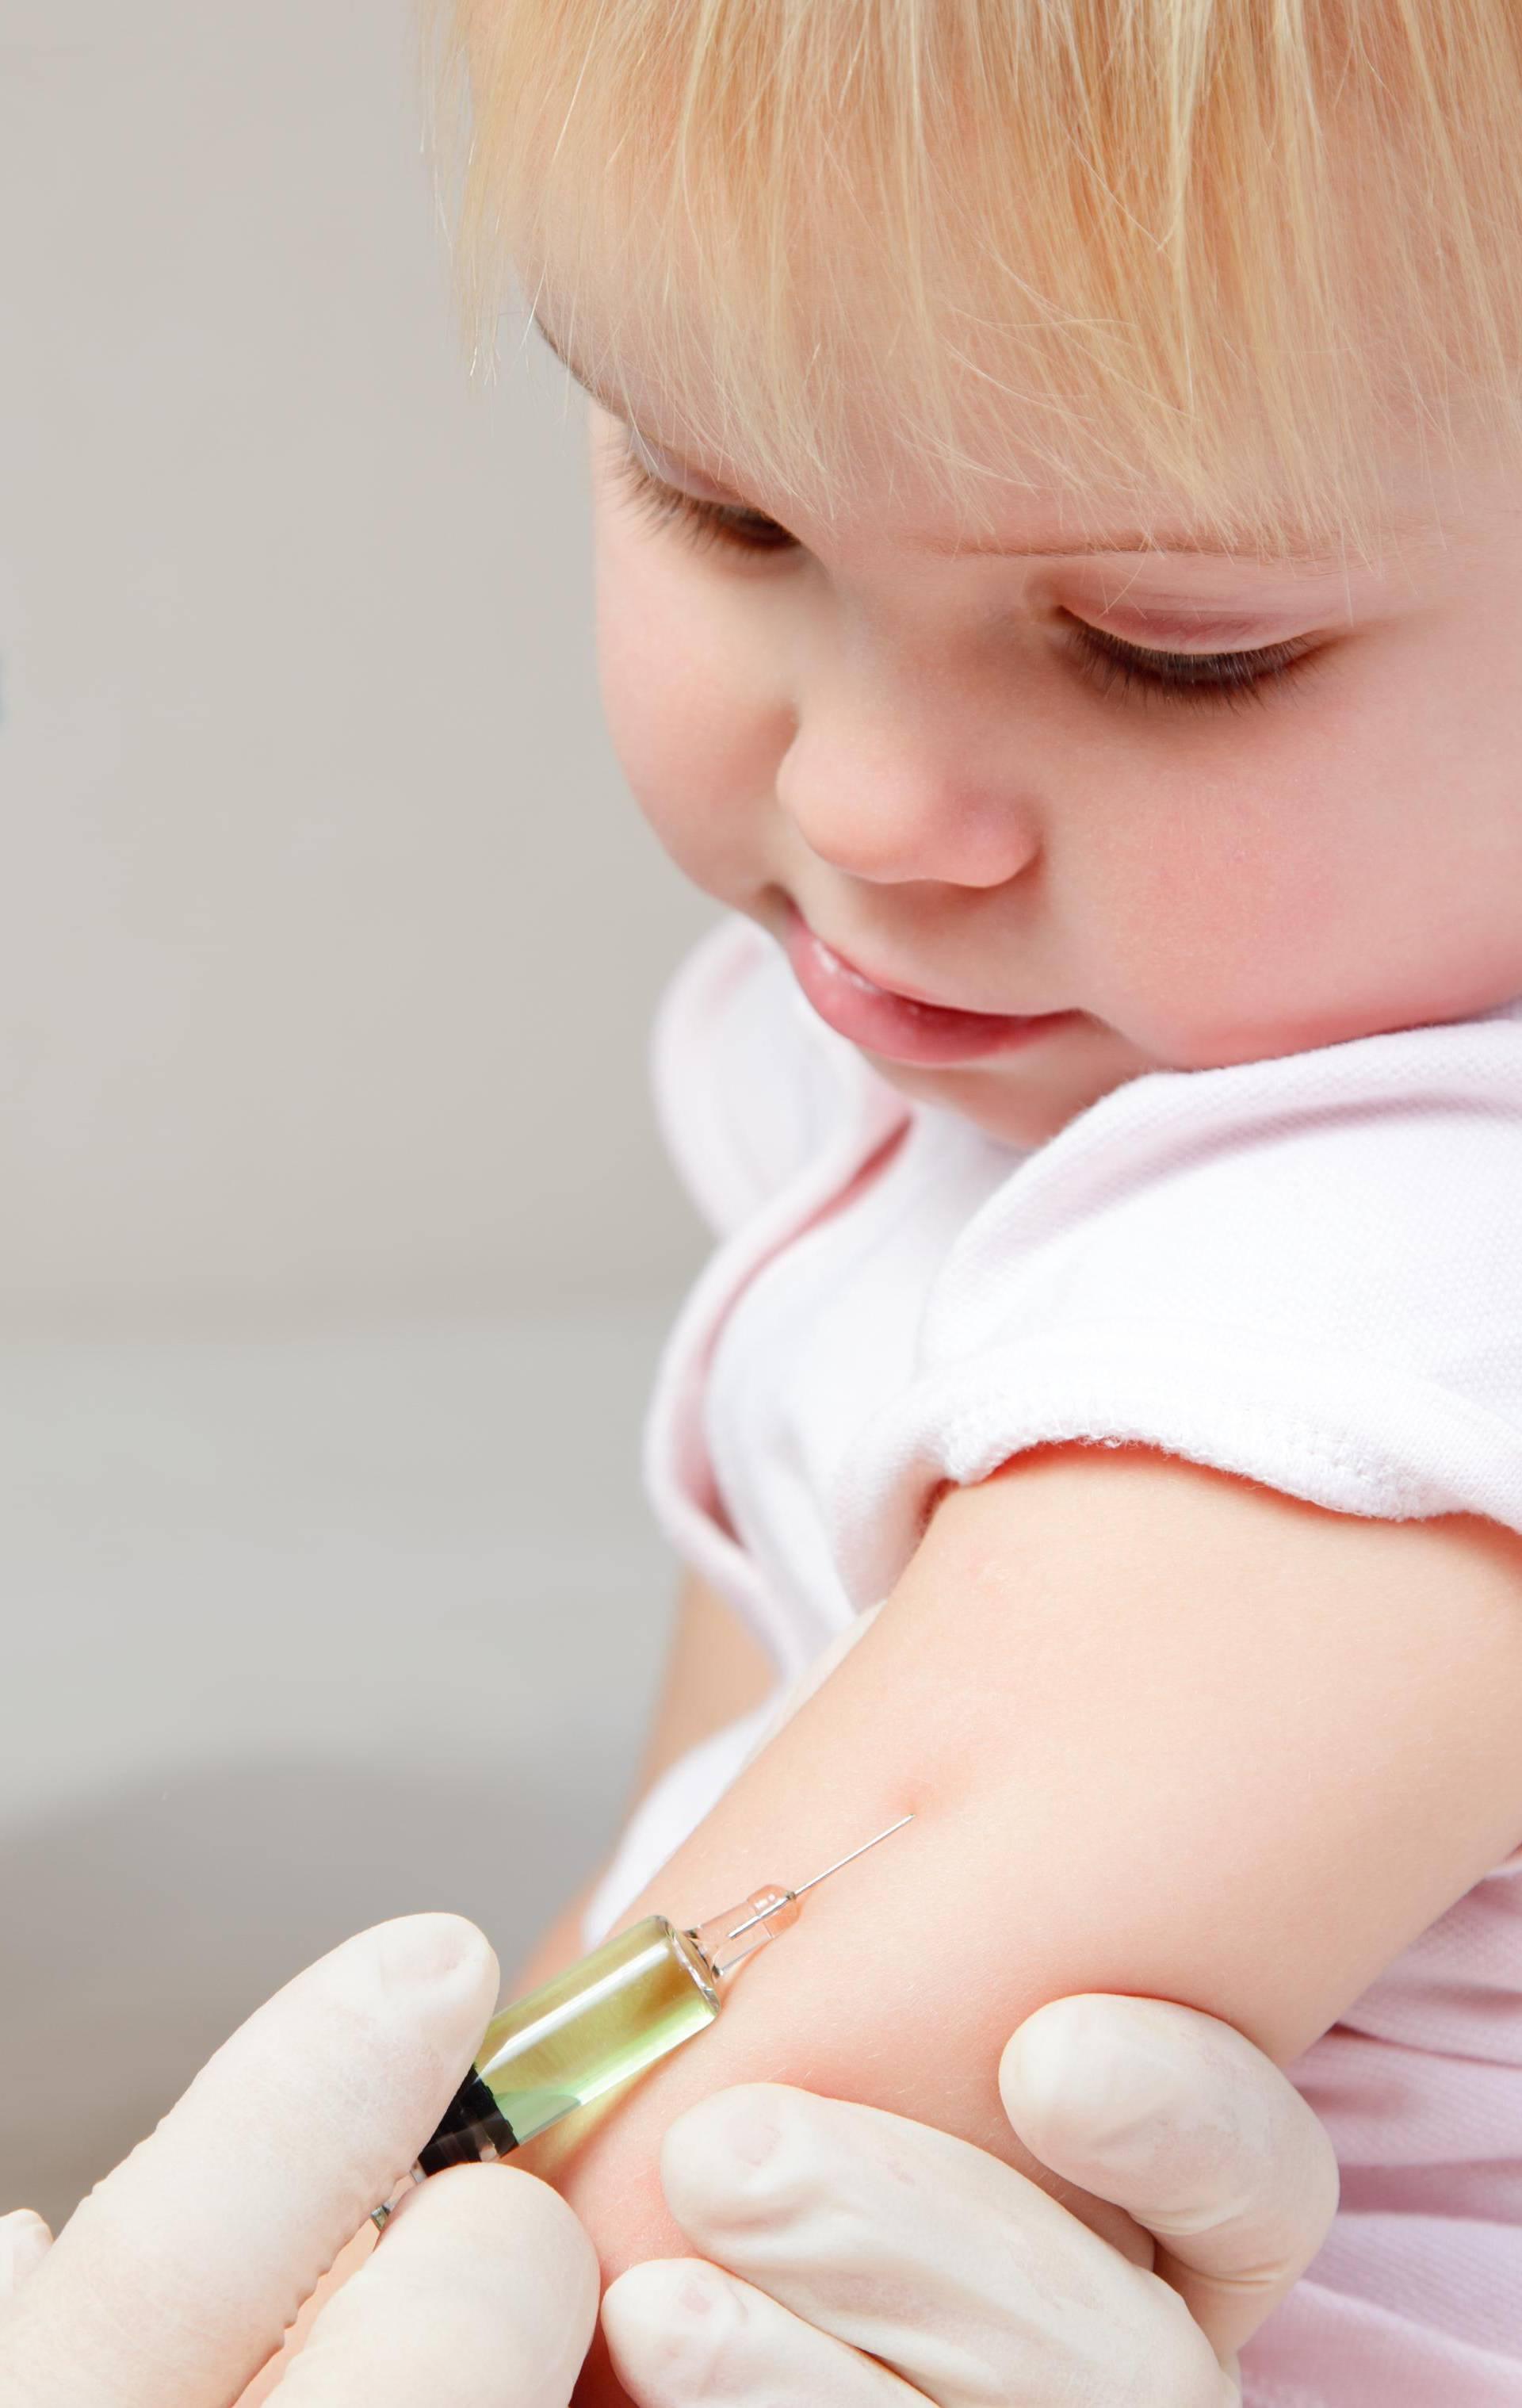 Cijepljene djece: Pravo na izbor daju birači novih stranaka